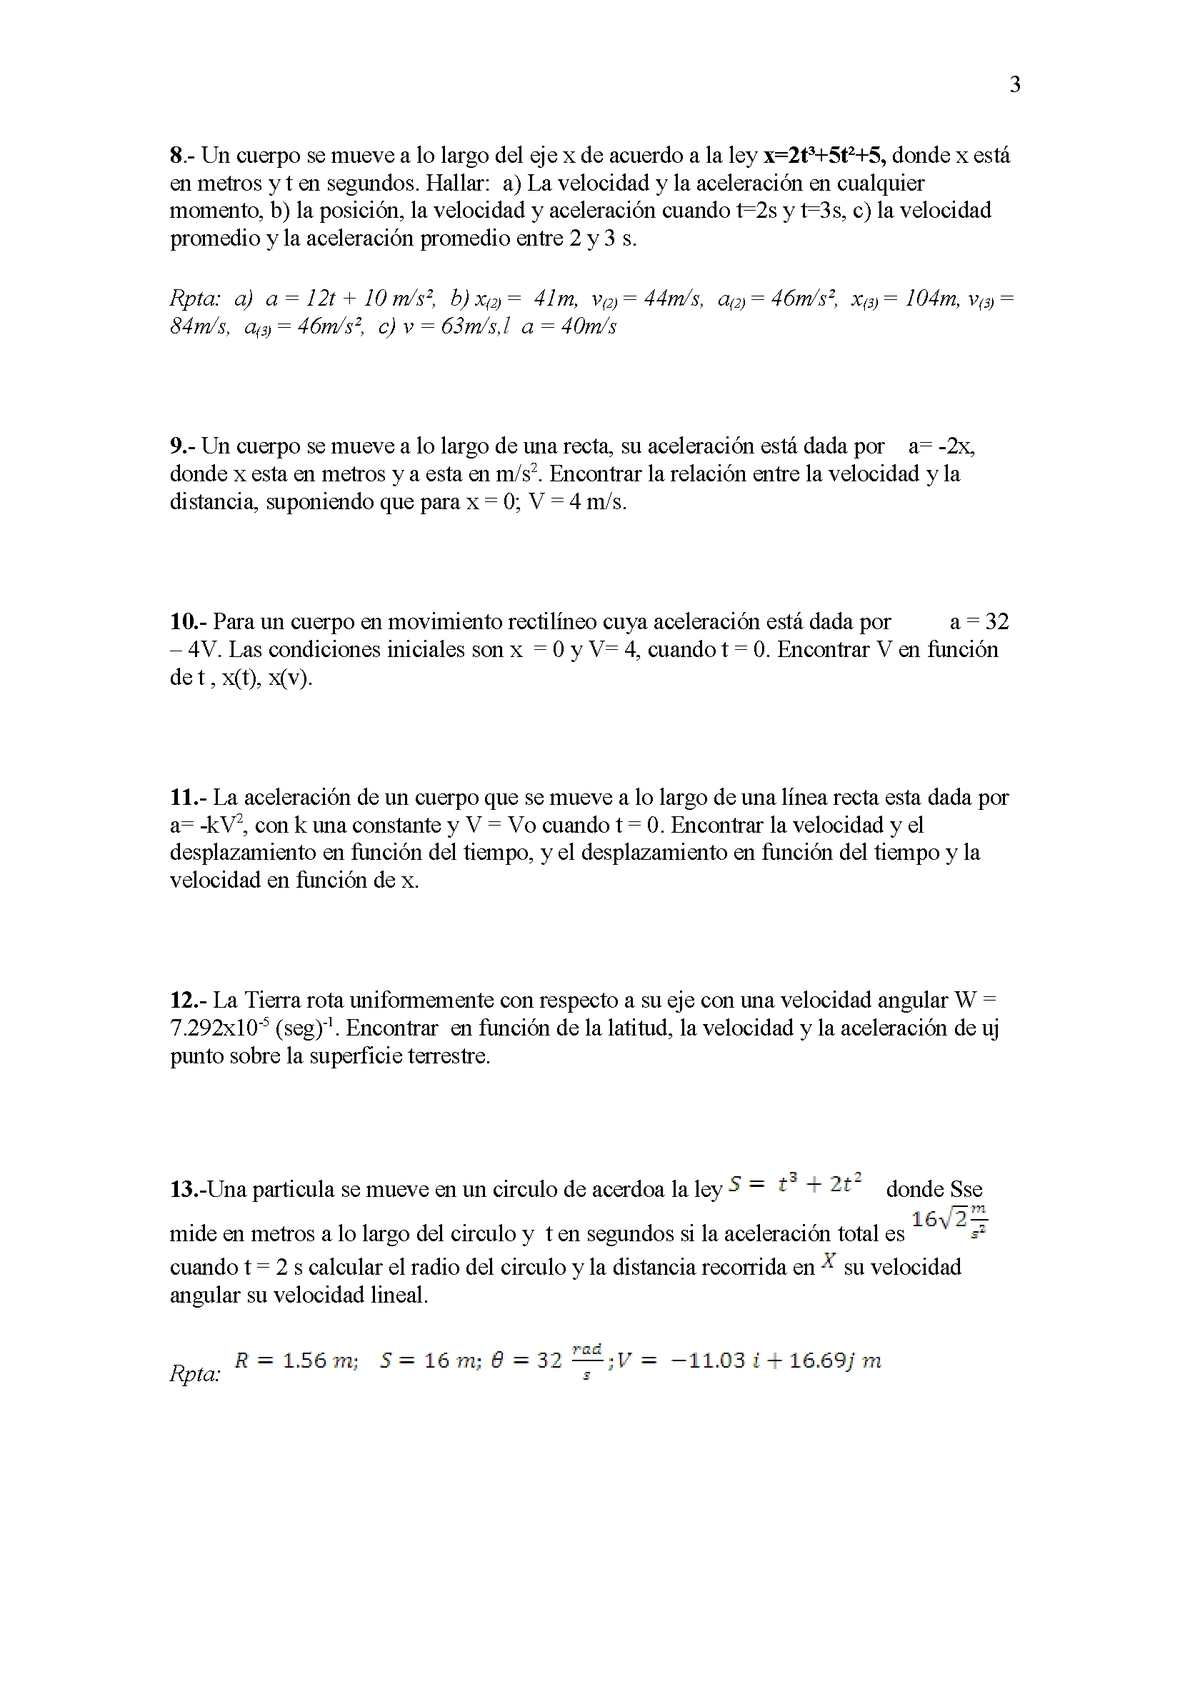 105322068 Problemas De Fisica General I - CALAMEO Downloader